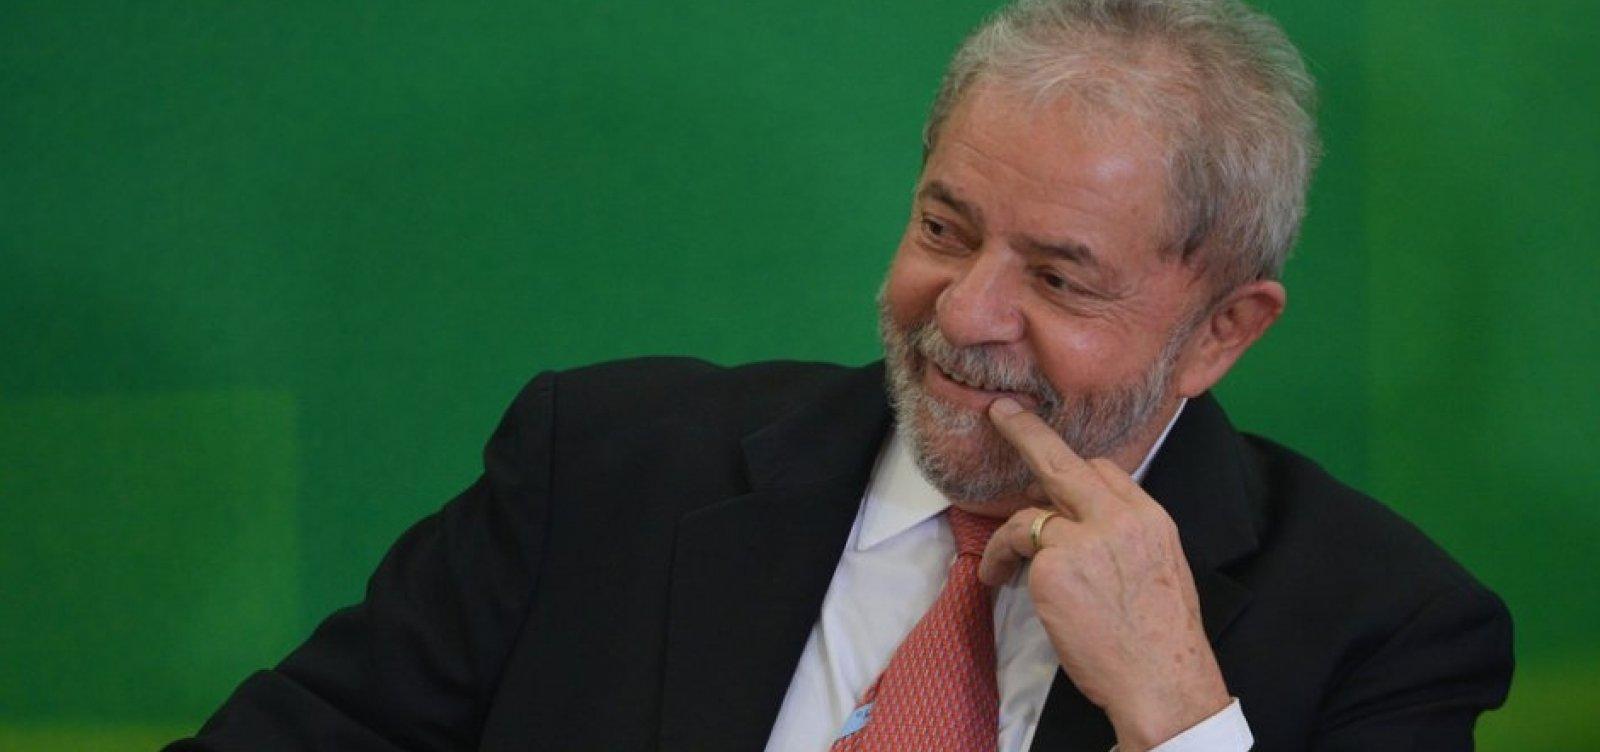 Lula recebeu derrota de Haddad com tranquilidade, diz secretário do PT